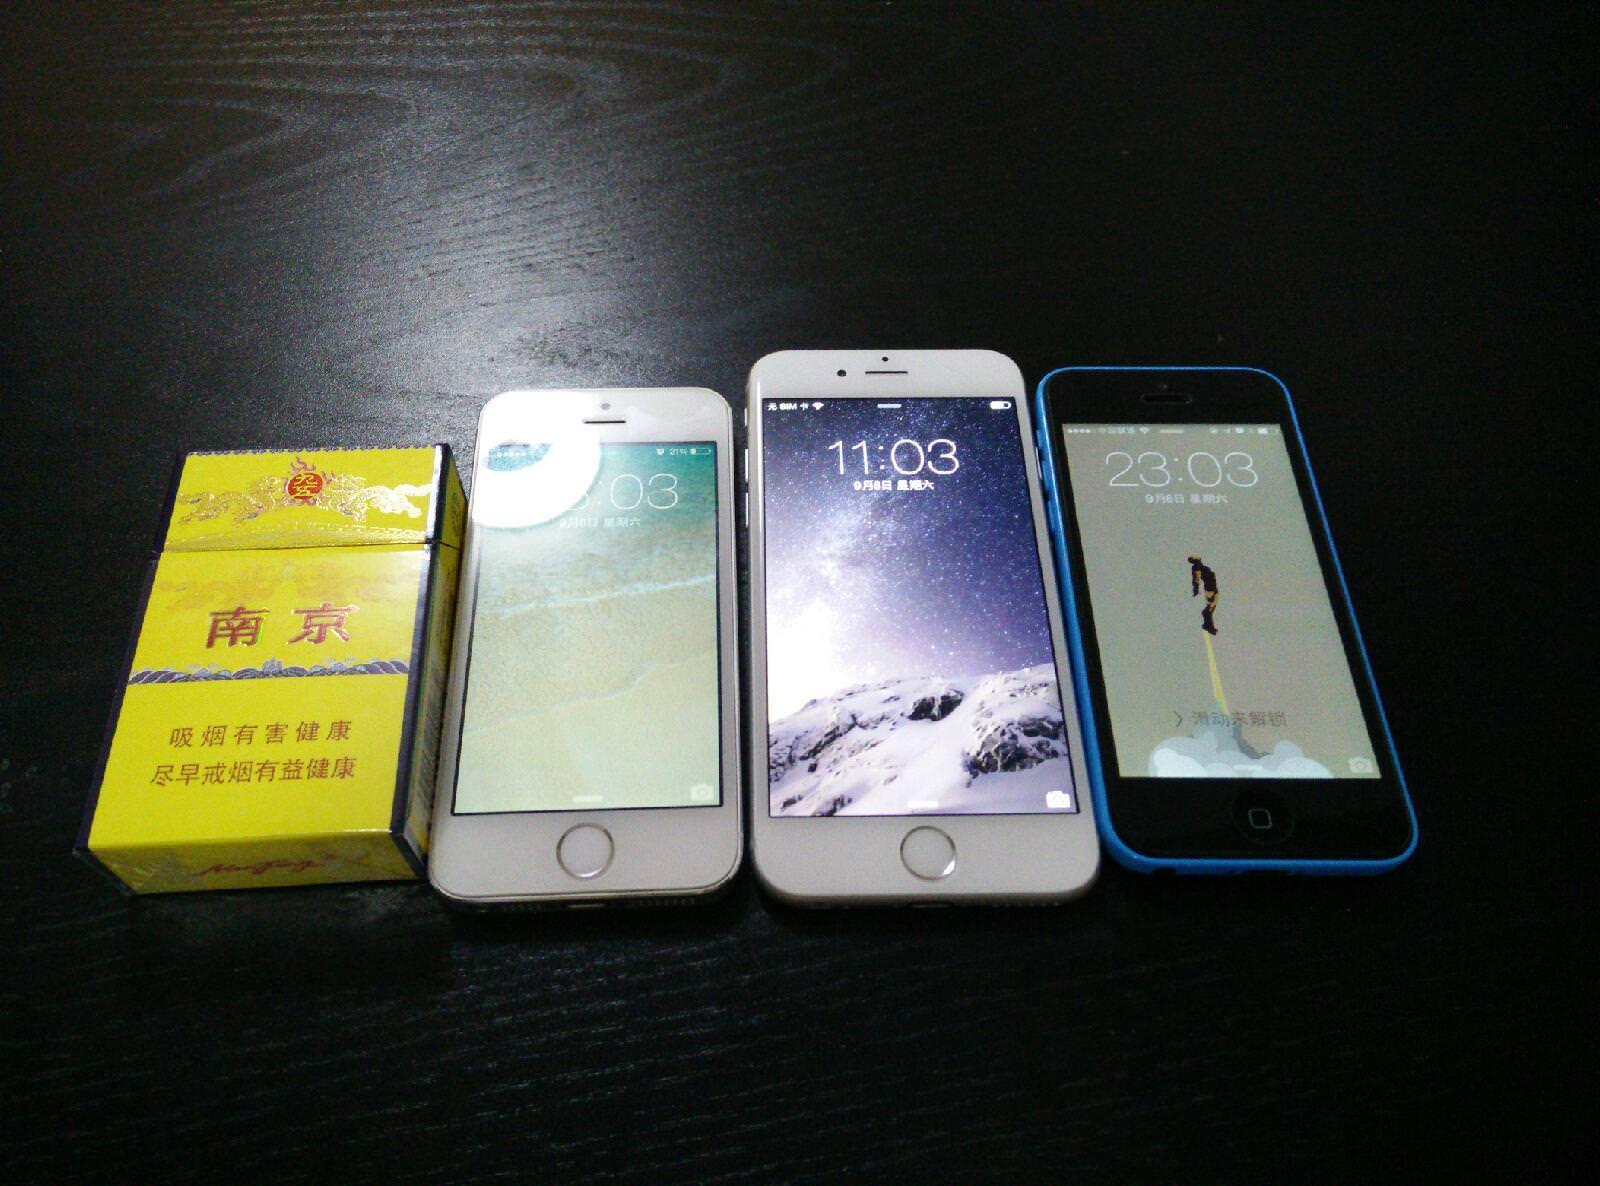 IPhone6 jikkileakphoto 07